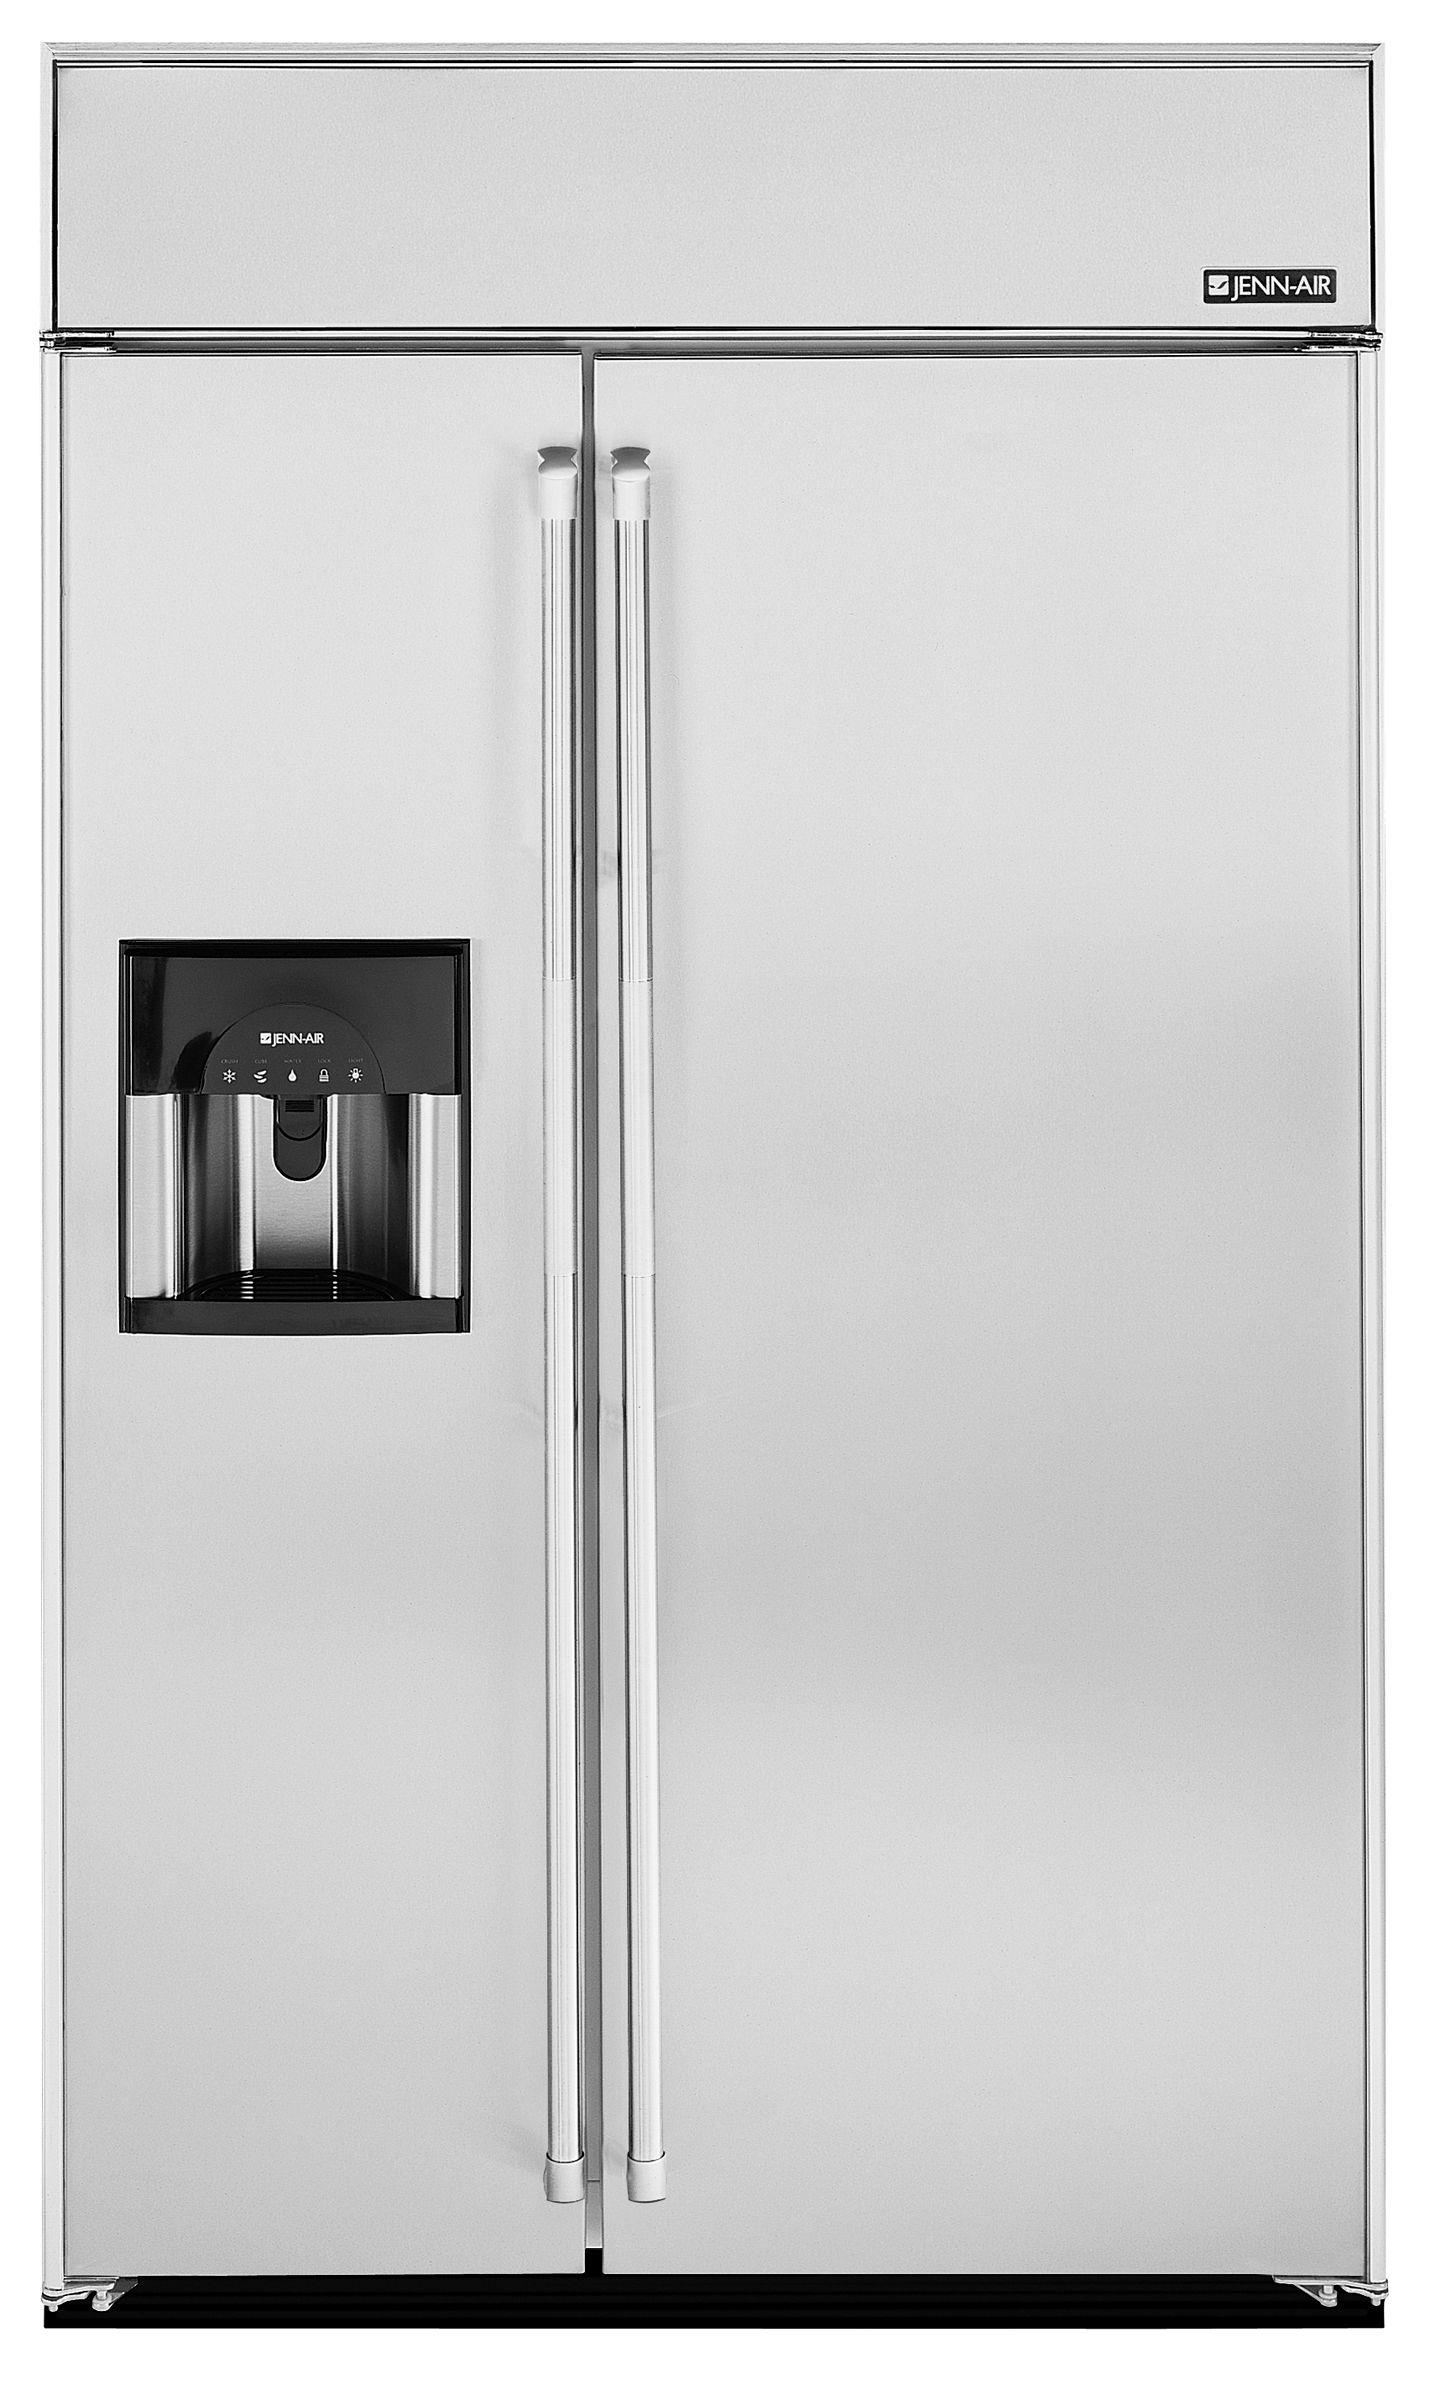 Jenn Air Built In Refrigerator Parts Model Js42ppdbda